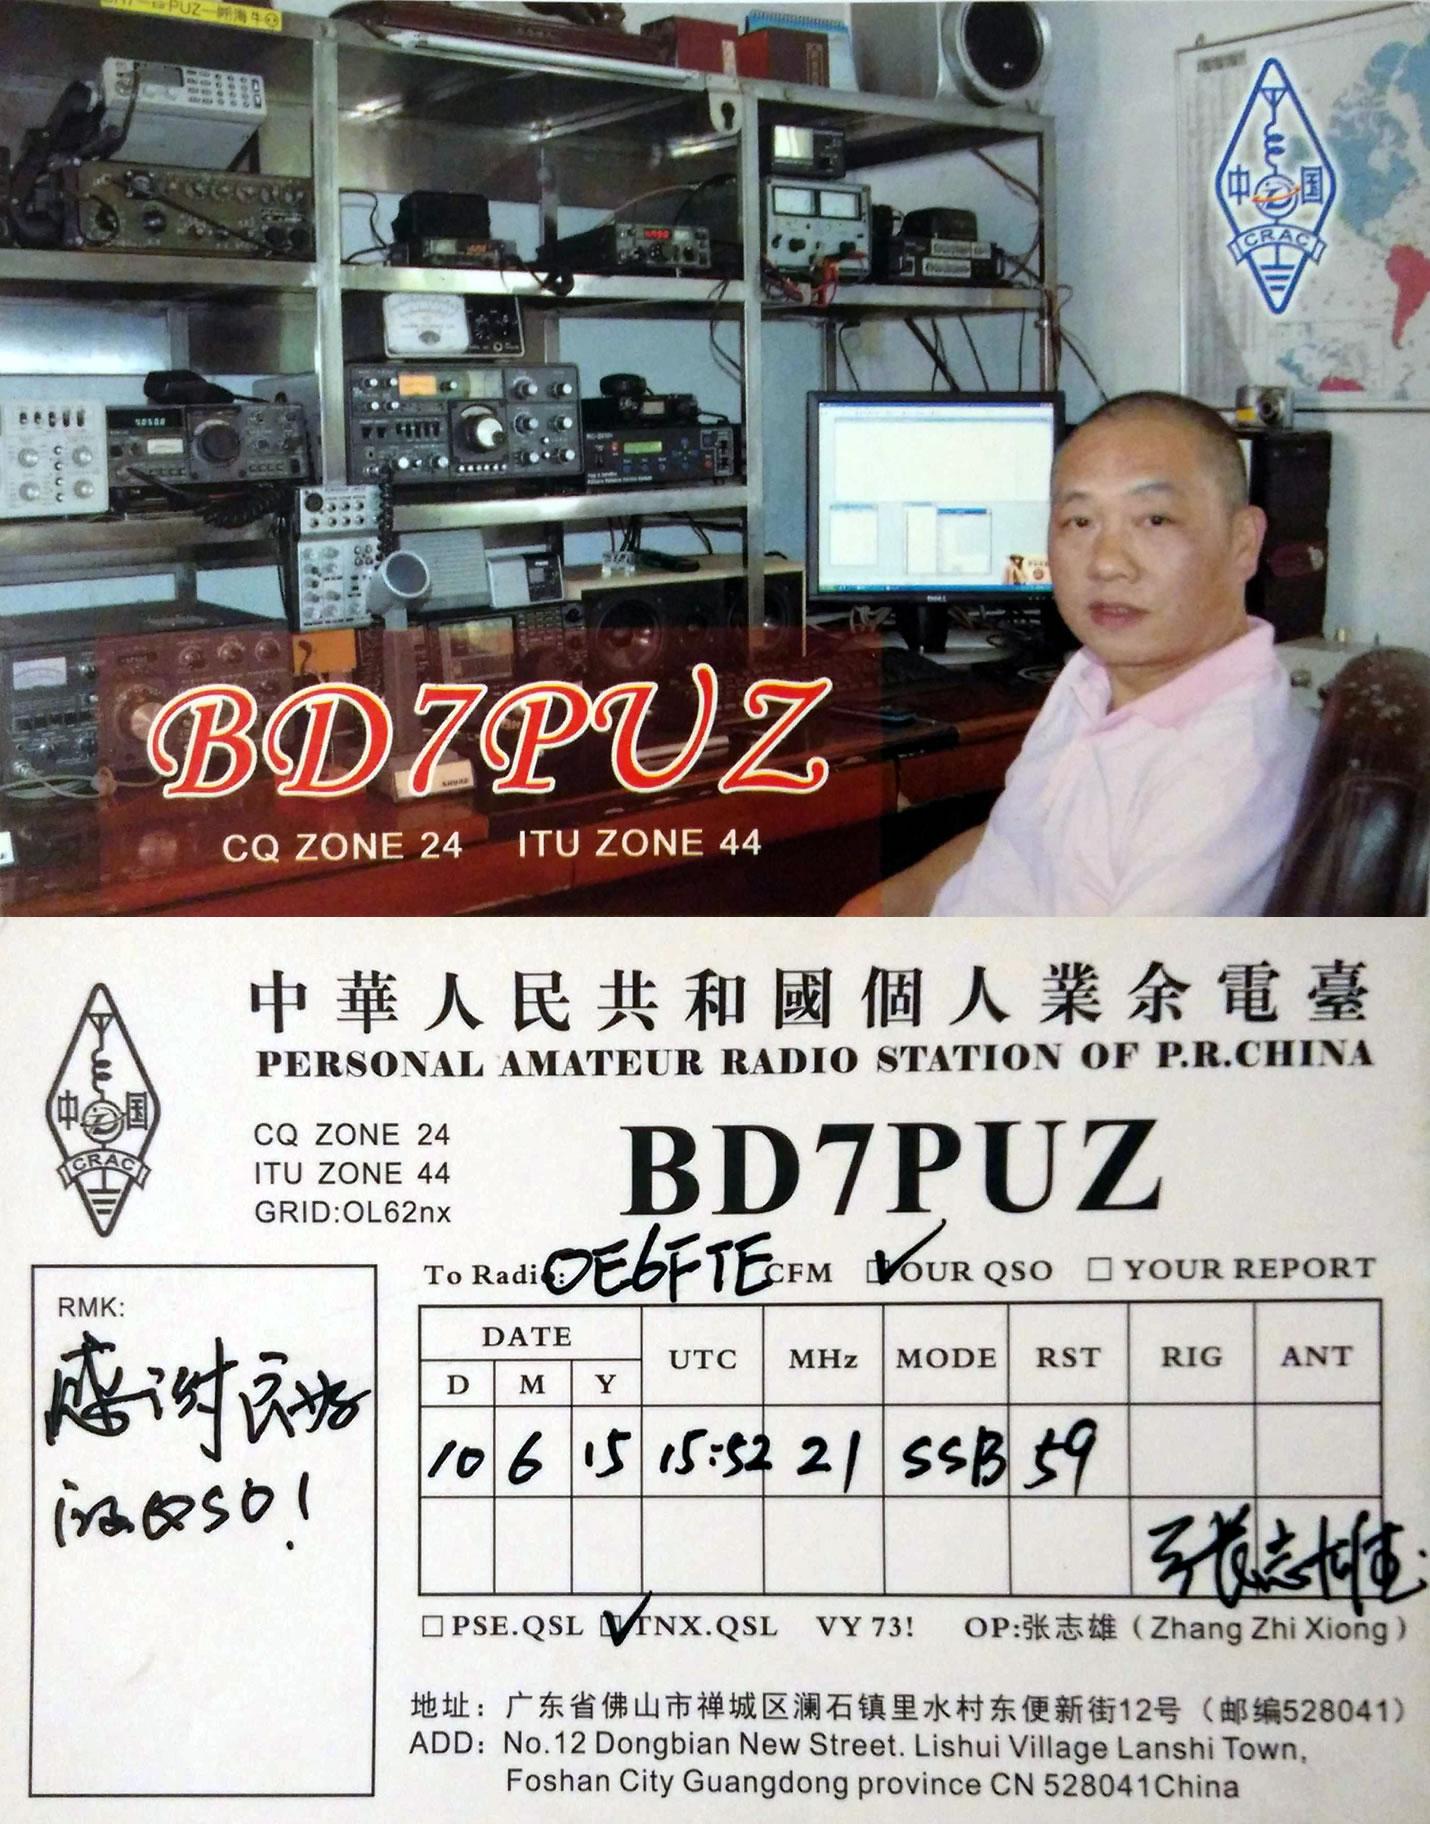 BD7PUZ